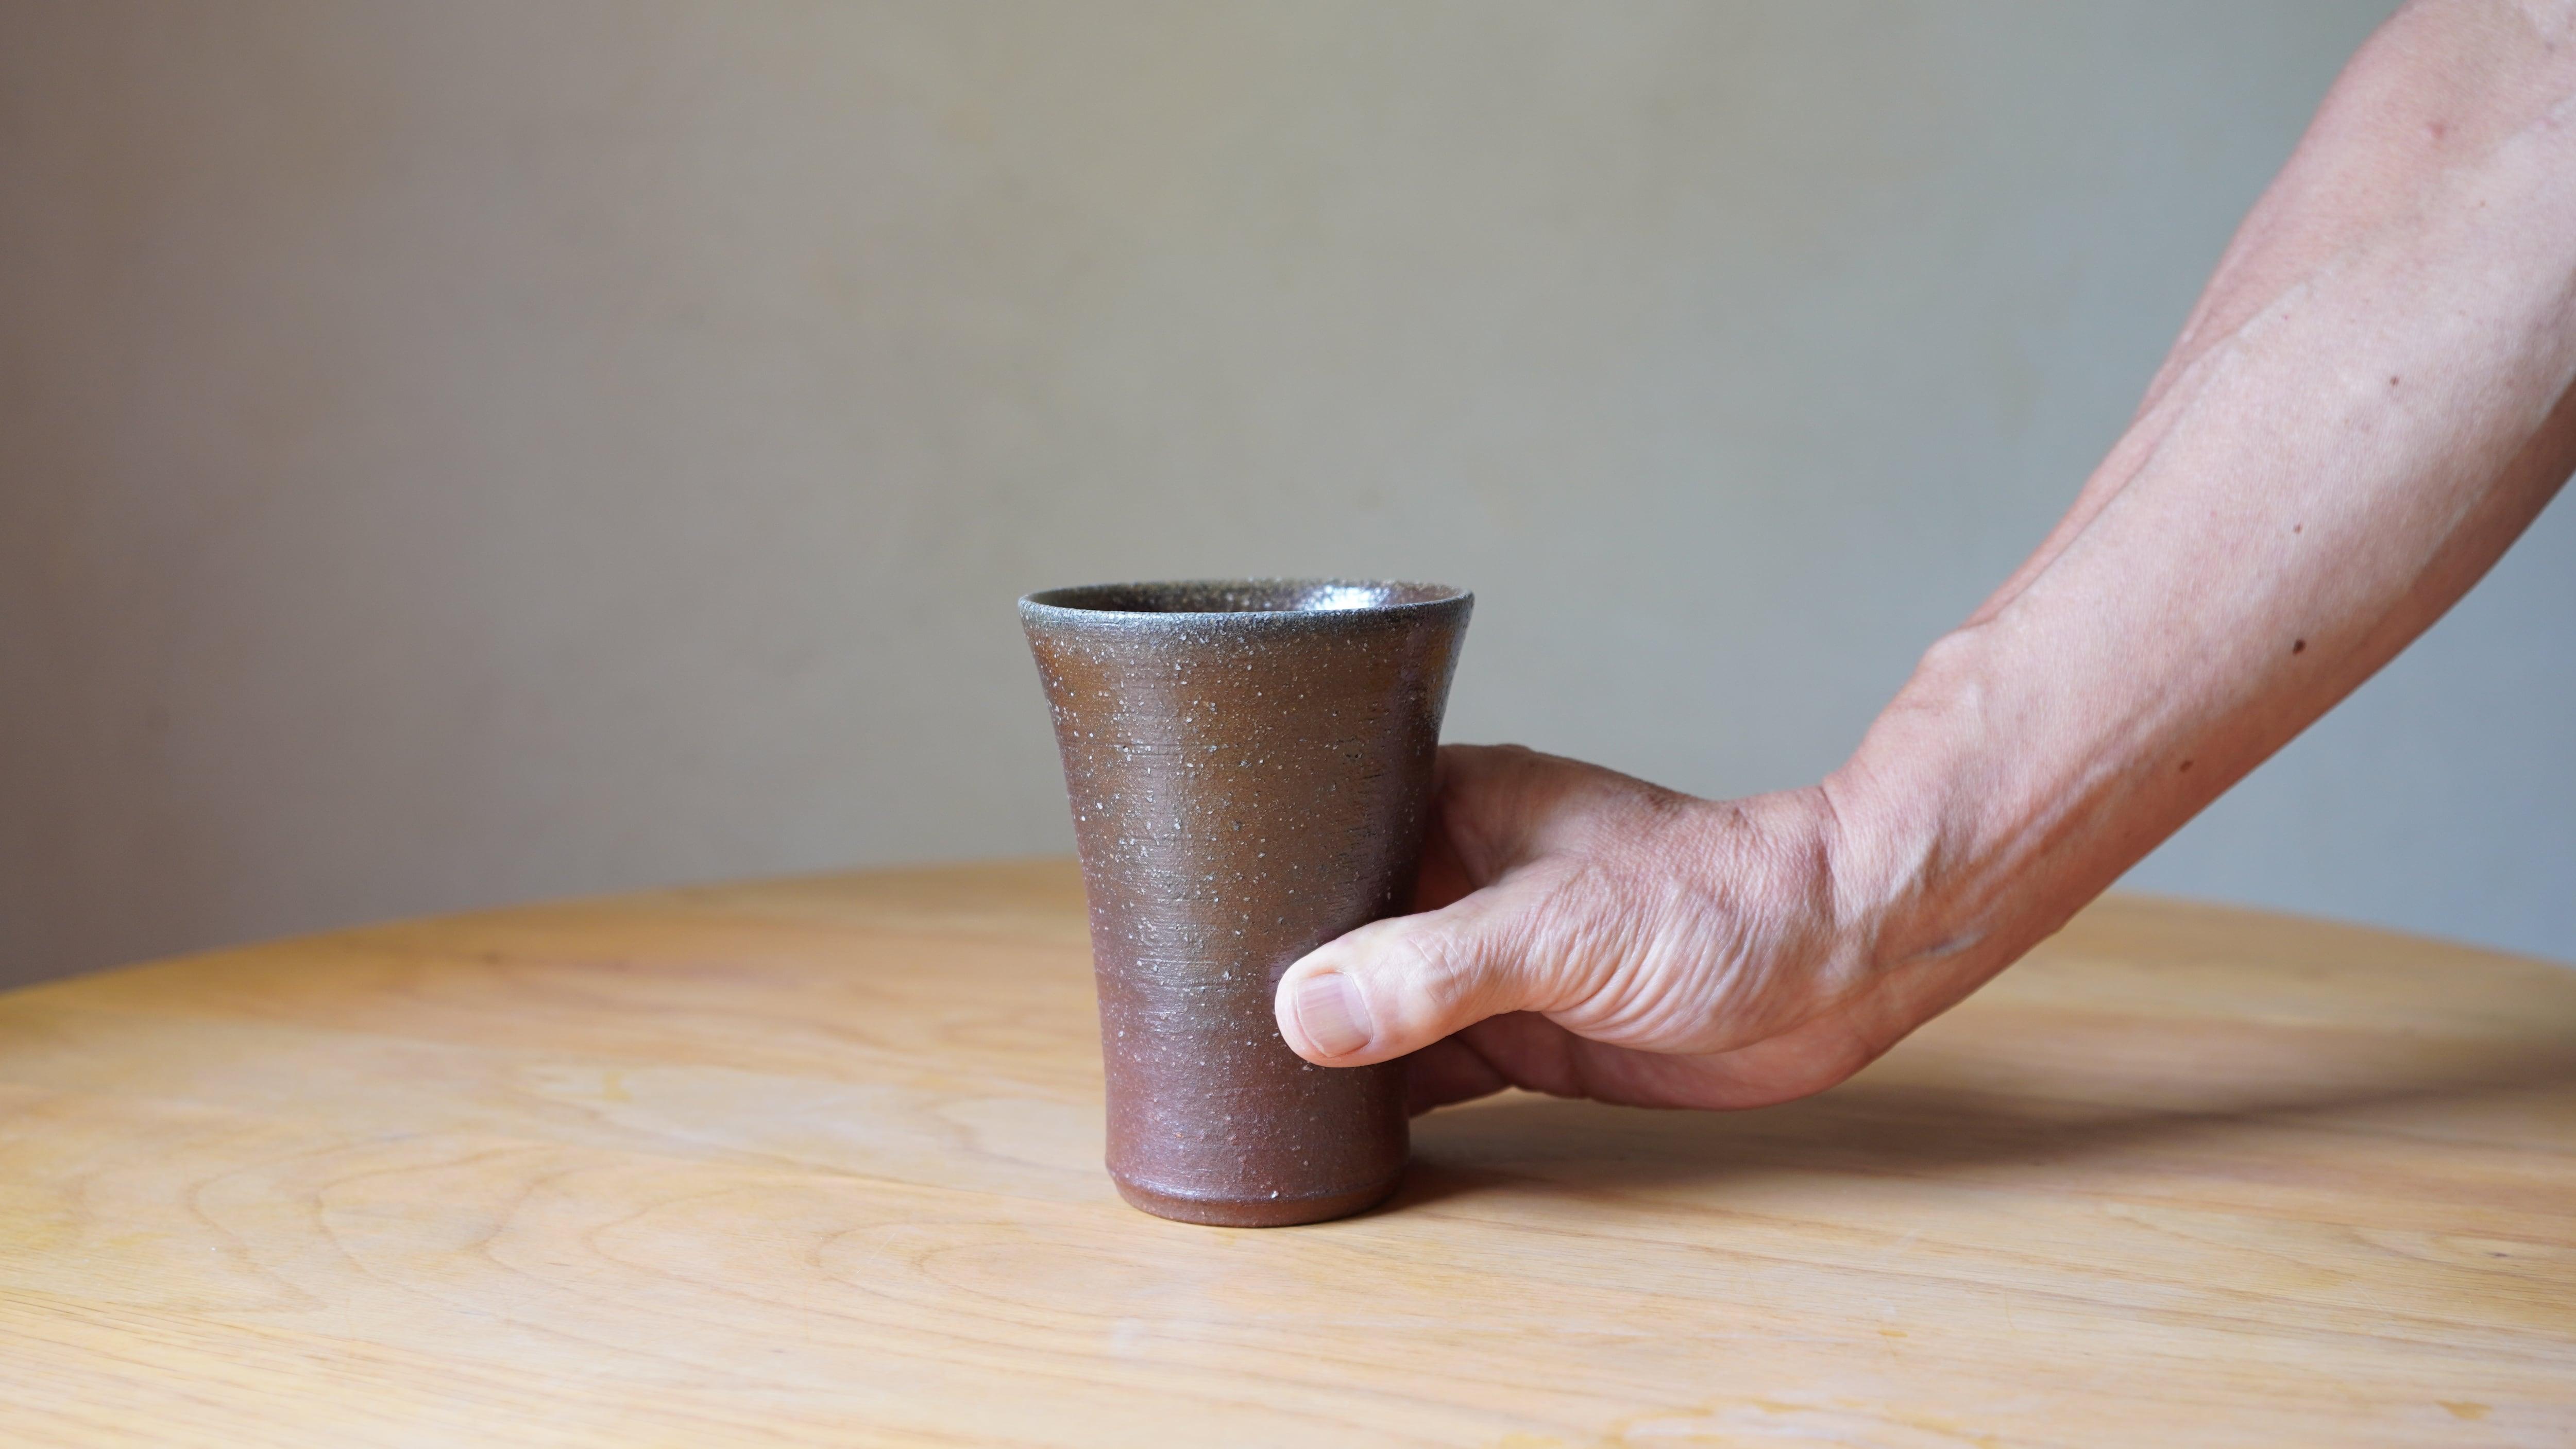 安田龍彦「フリーカップ」(wy-9)